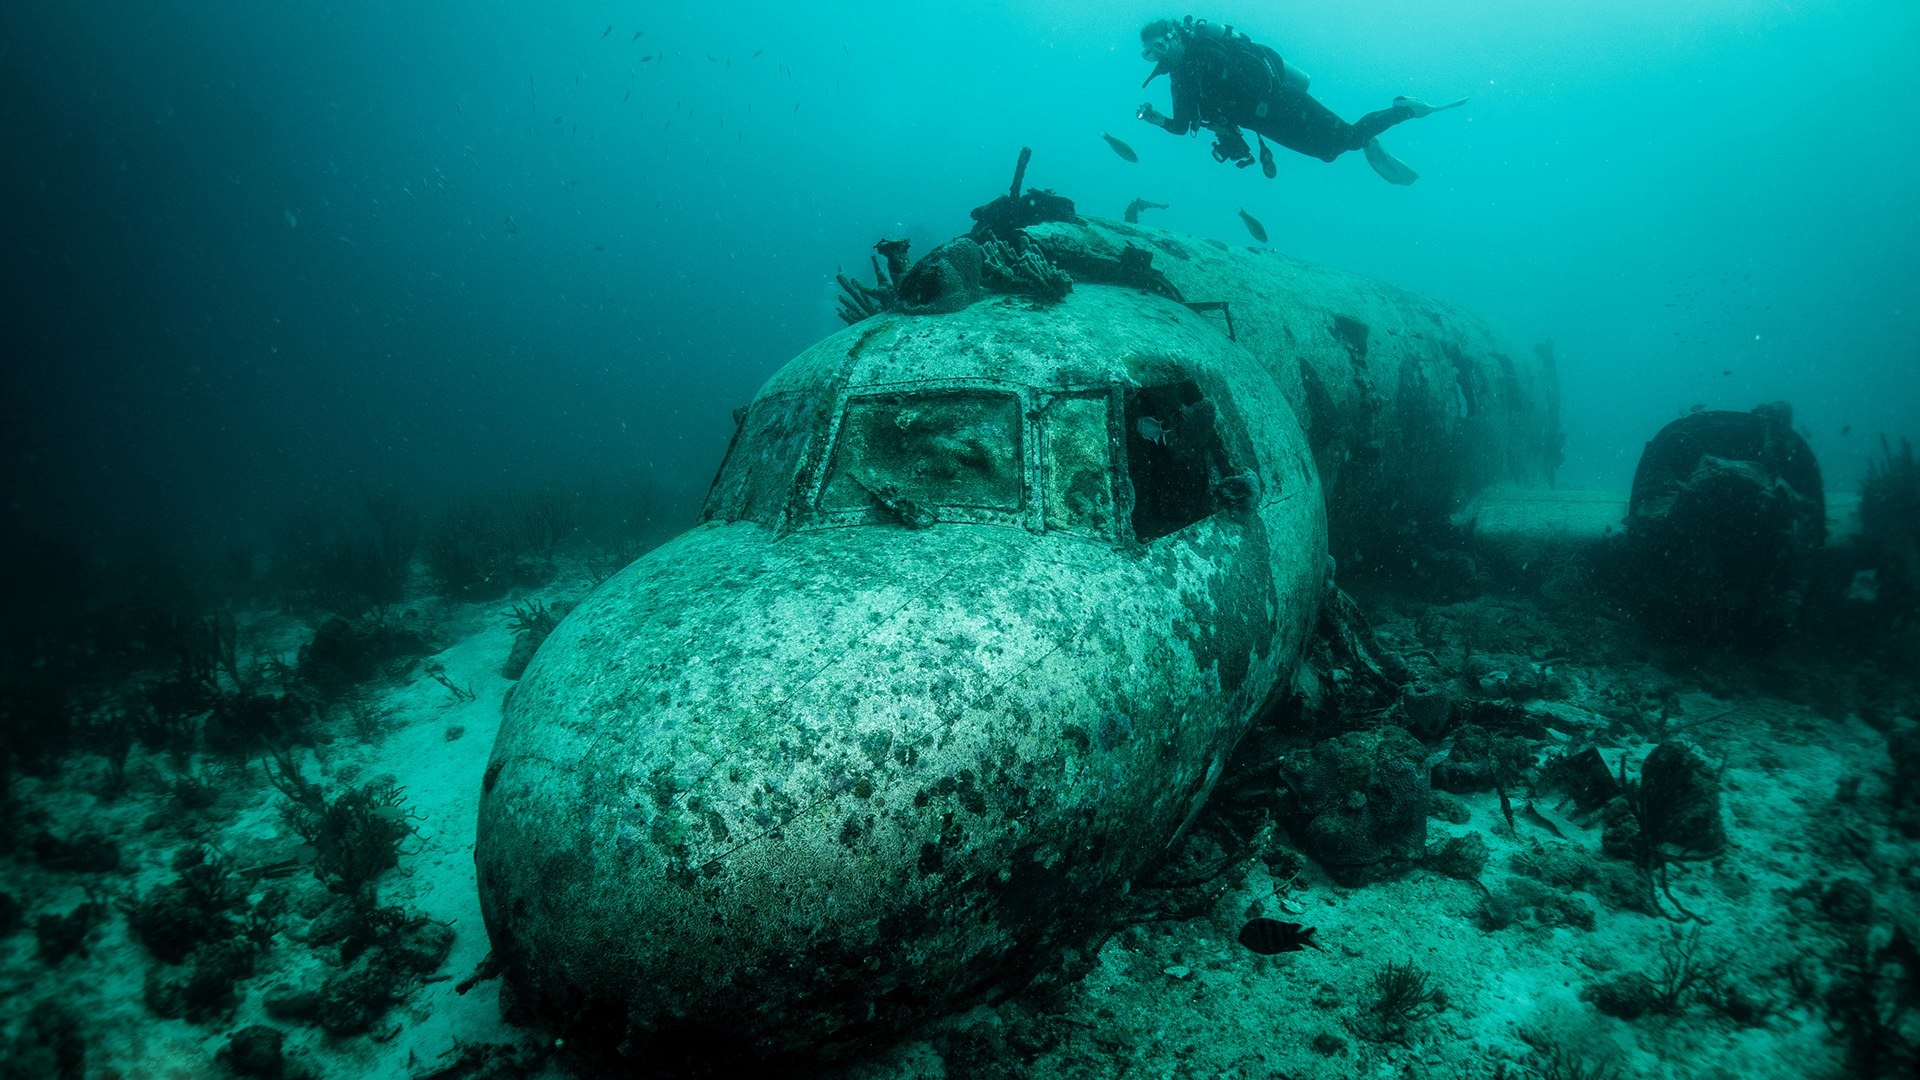 Underwater airplane wreck wallpaper